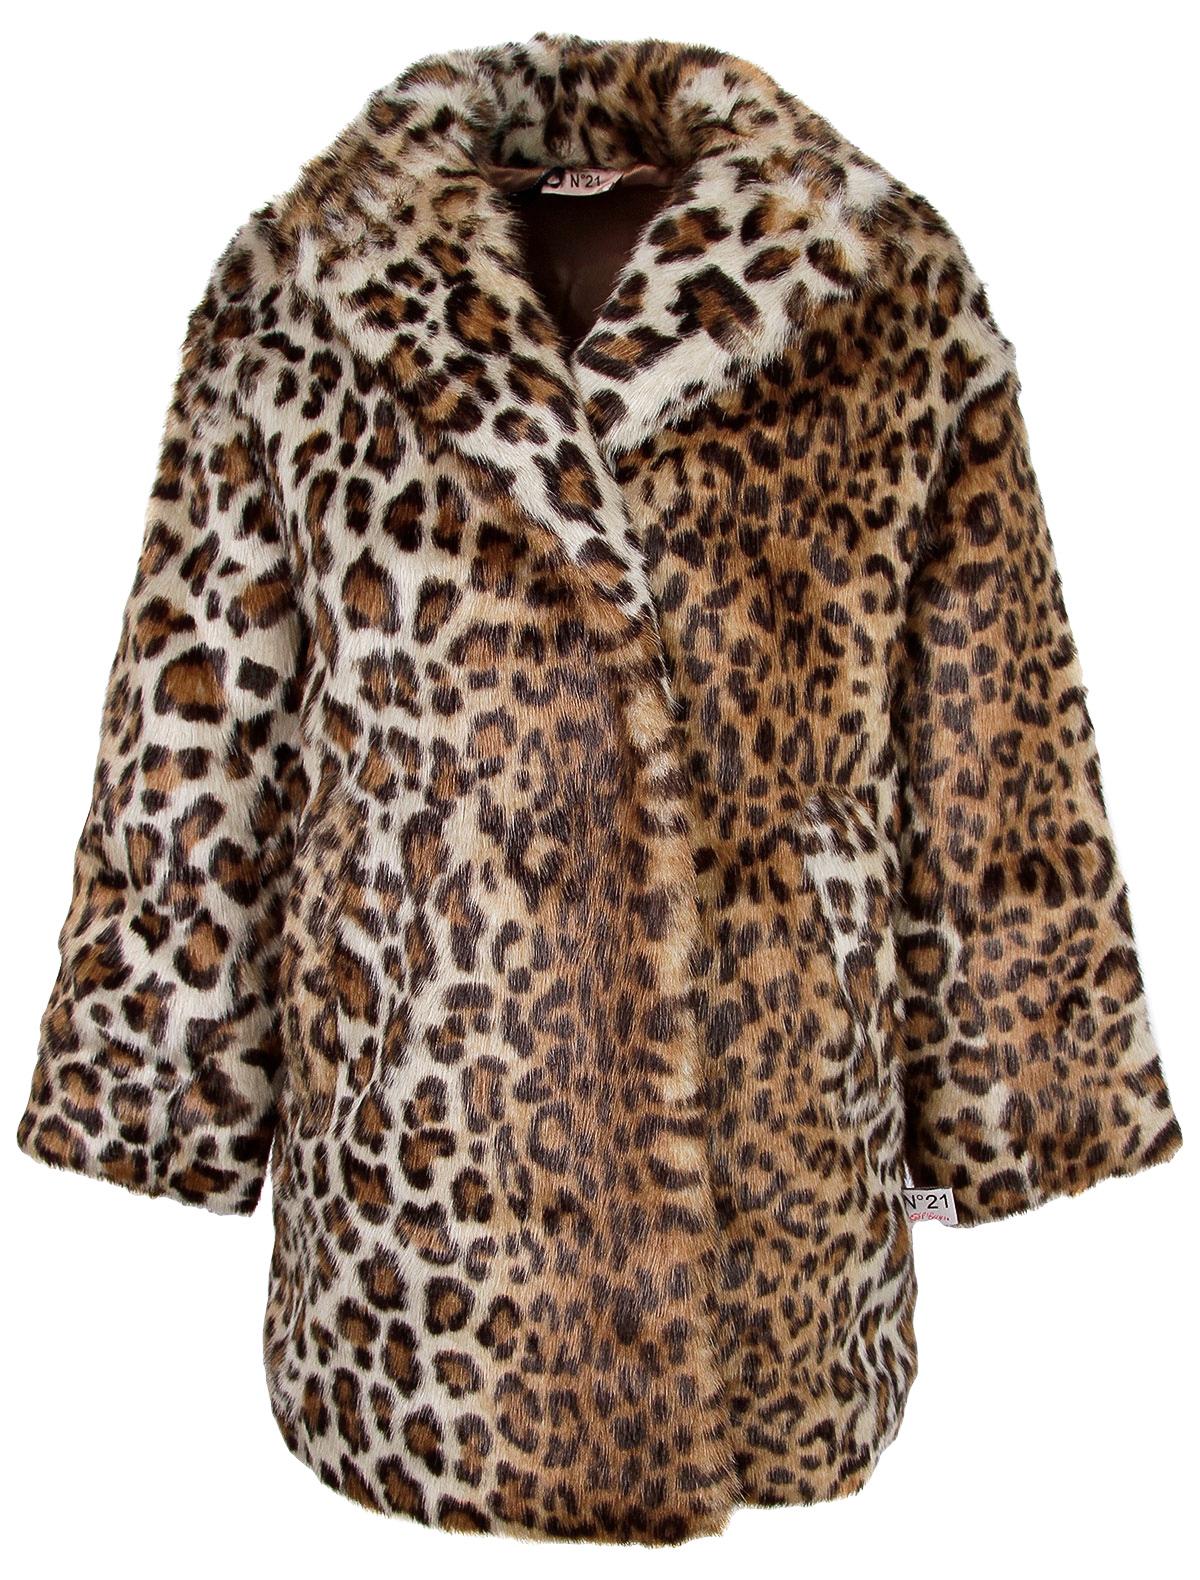 Купить 2233292, Пальто №21 kids, коричневый, Женский, 1124509080420